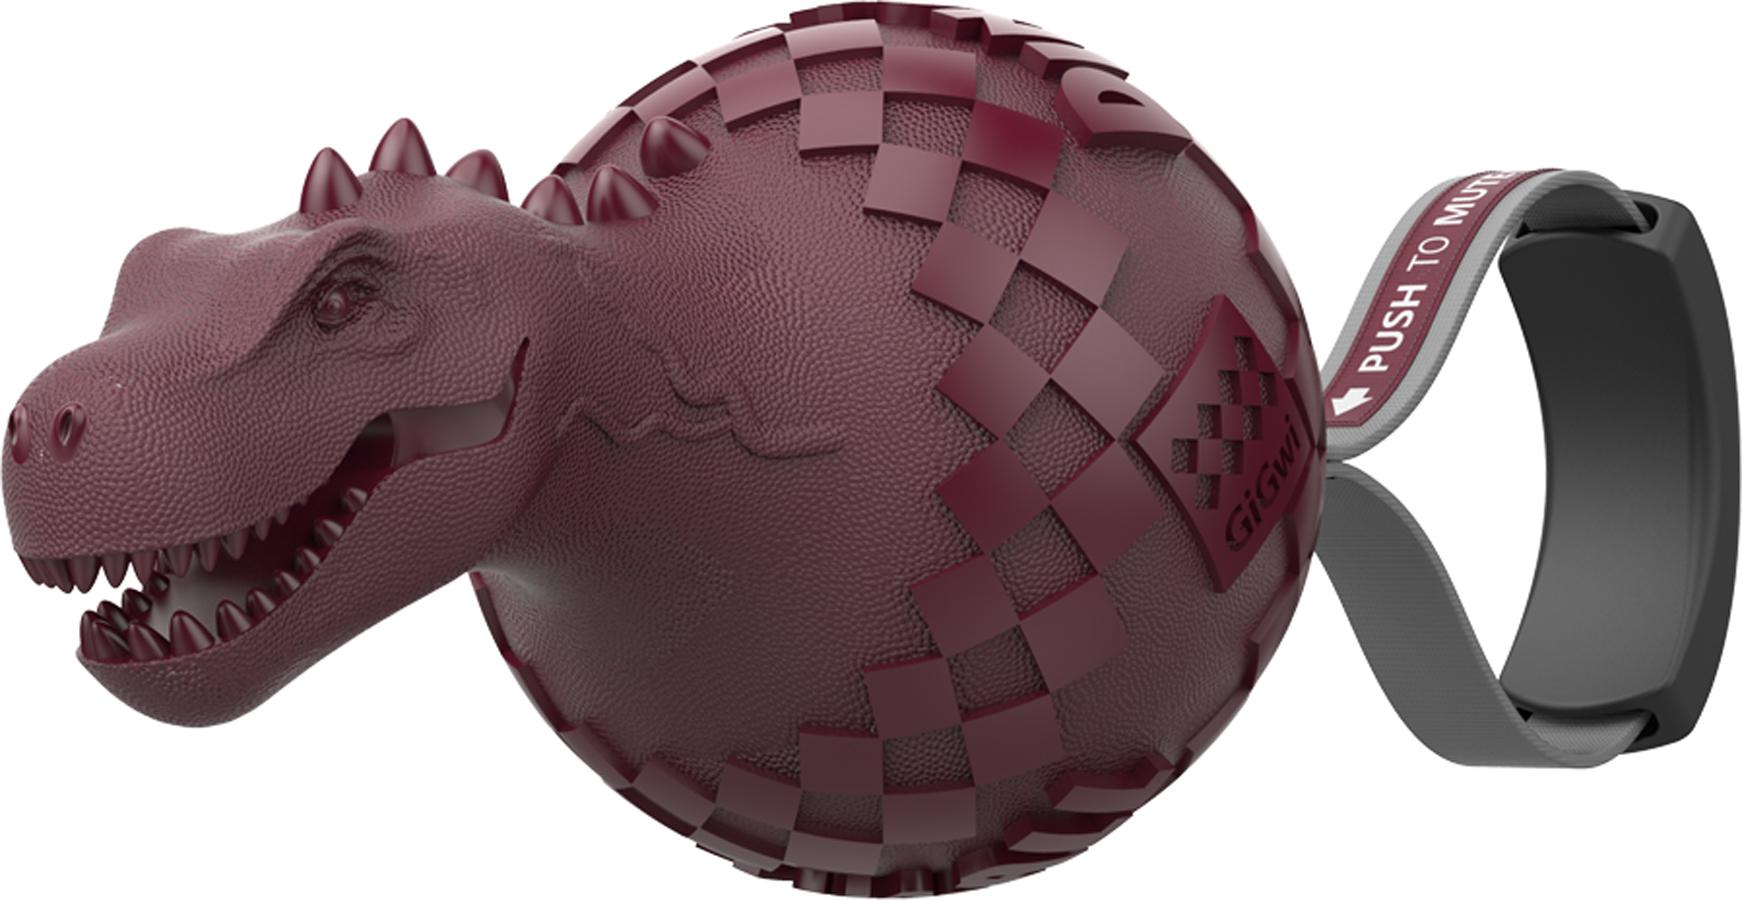 Игрушка для собак GiGwi Динобол Т-рекс, с отключаемой пищалкой75393Игрушка для собак GiGwi Динобол Т-рекс, выполненная из резины, не позволит заскучать вашему питомцу. Играя с этой забавной игрушкой, маленькие щенки развиваются физически, а взрослые собаки поддерживают свой мышечный тонус. Игрушка выполнена в виде динозавра. Пищалка сделает игру особенно интересной. Такая игрушка порадует вашего любимца, а вам доставит массу приятных эмоций, ведь наблюдать за игрой всегда интересно и приятно.